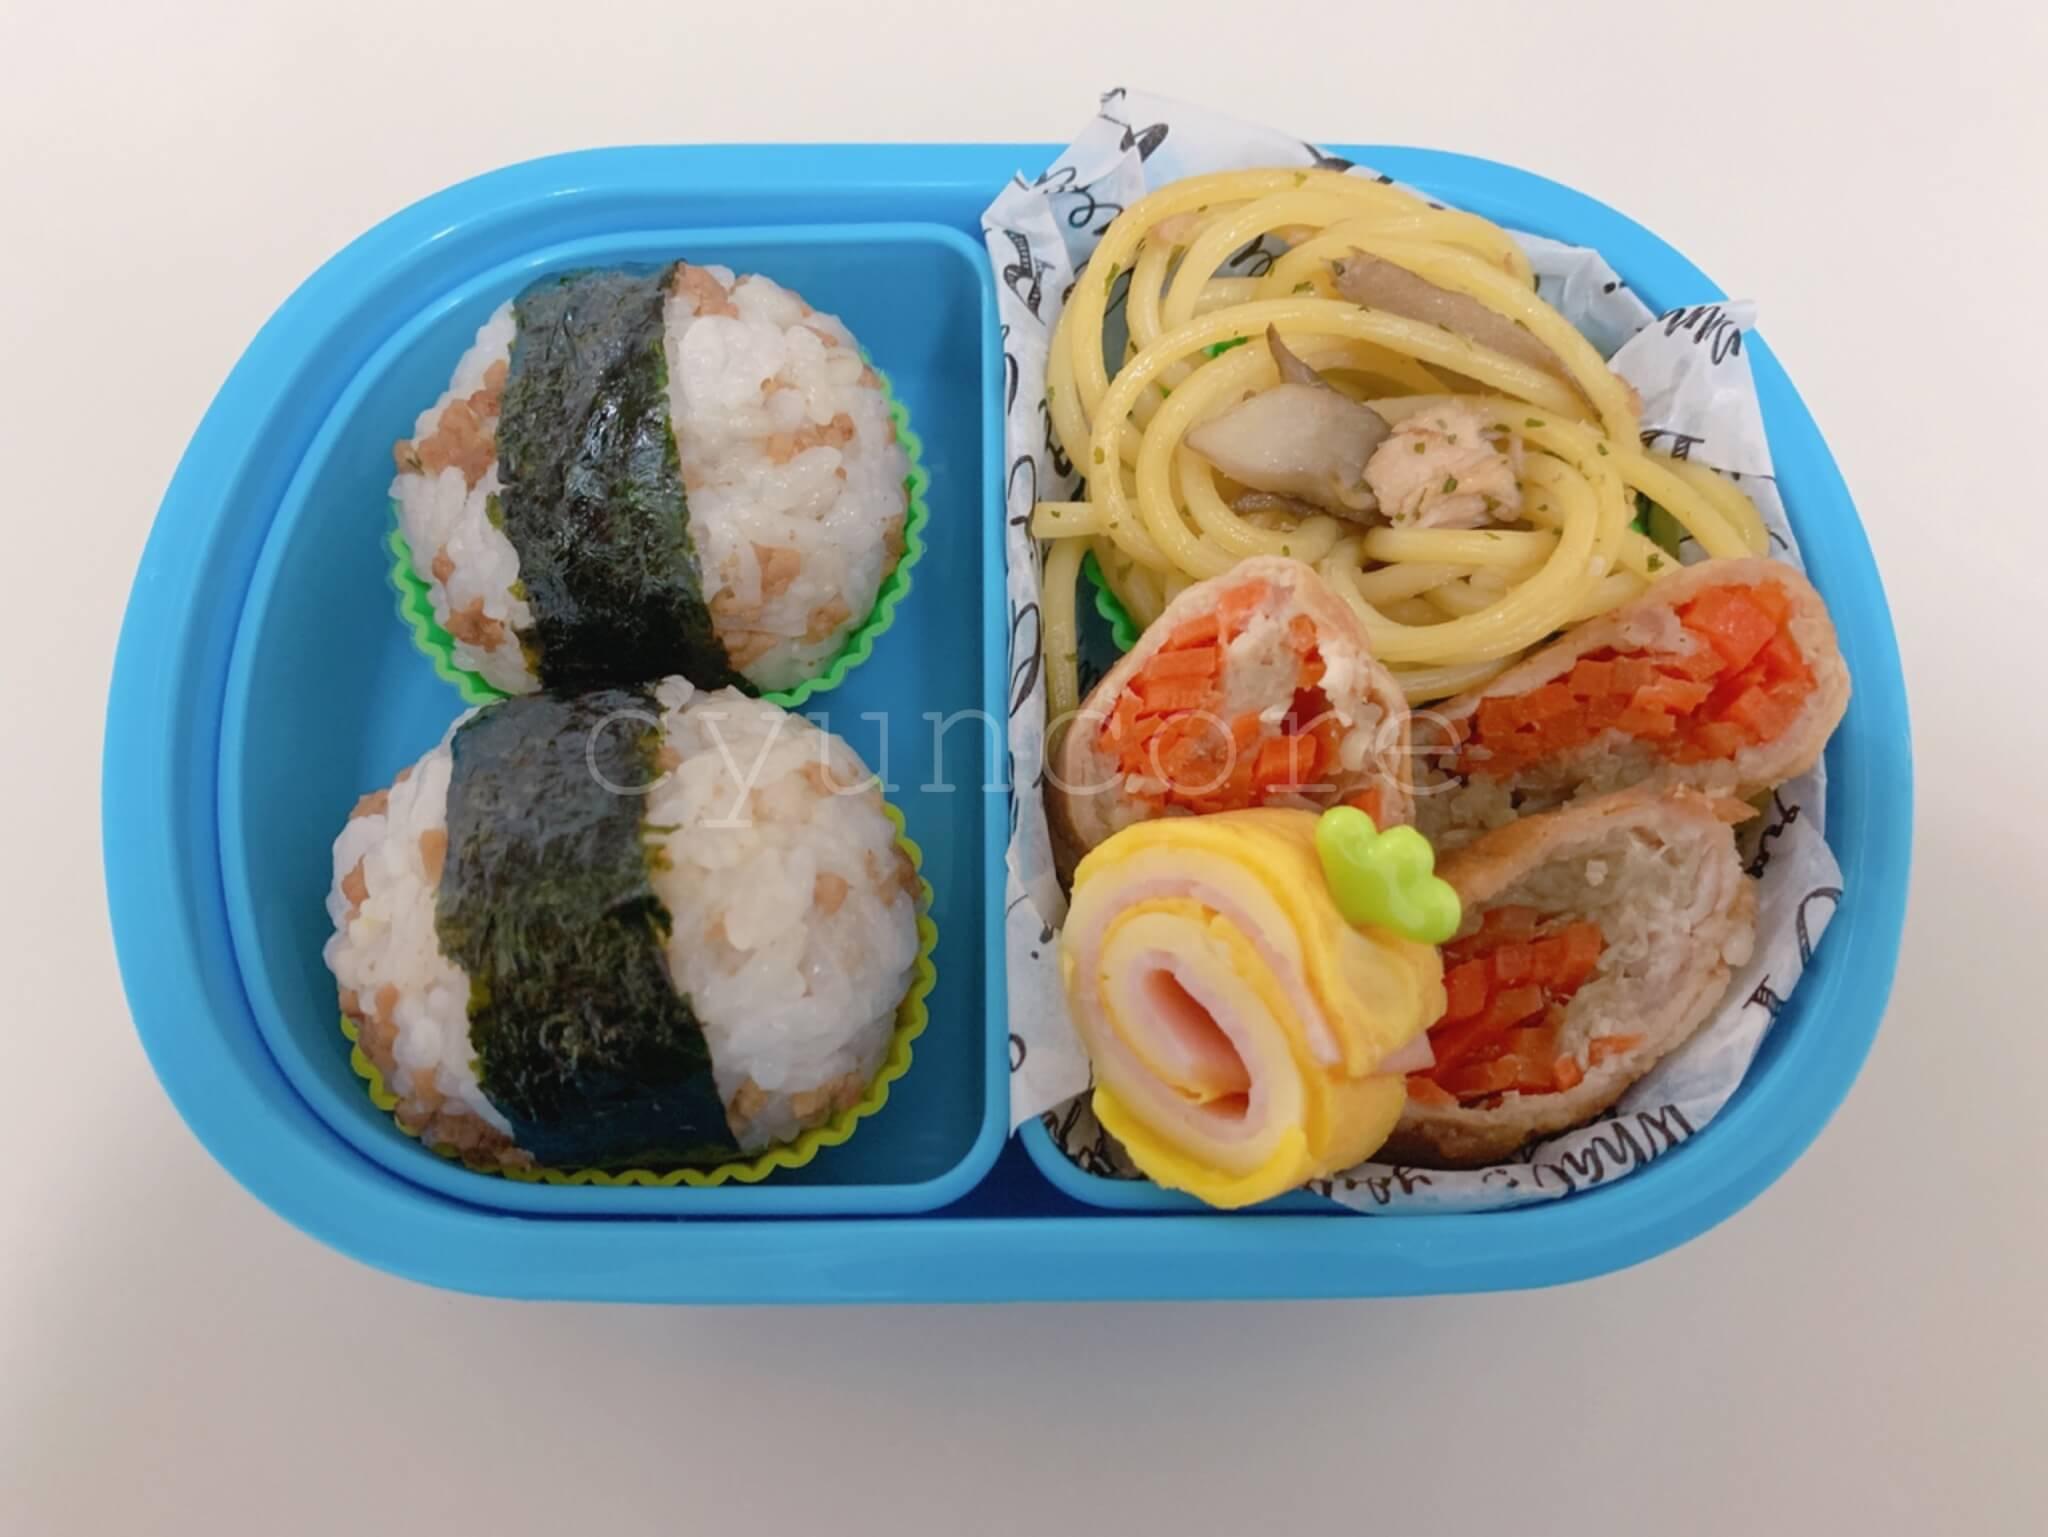 幼稚園のお弁当用冷凍おかずレシピ③時間のない朝におすすめ!